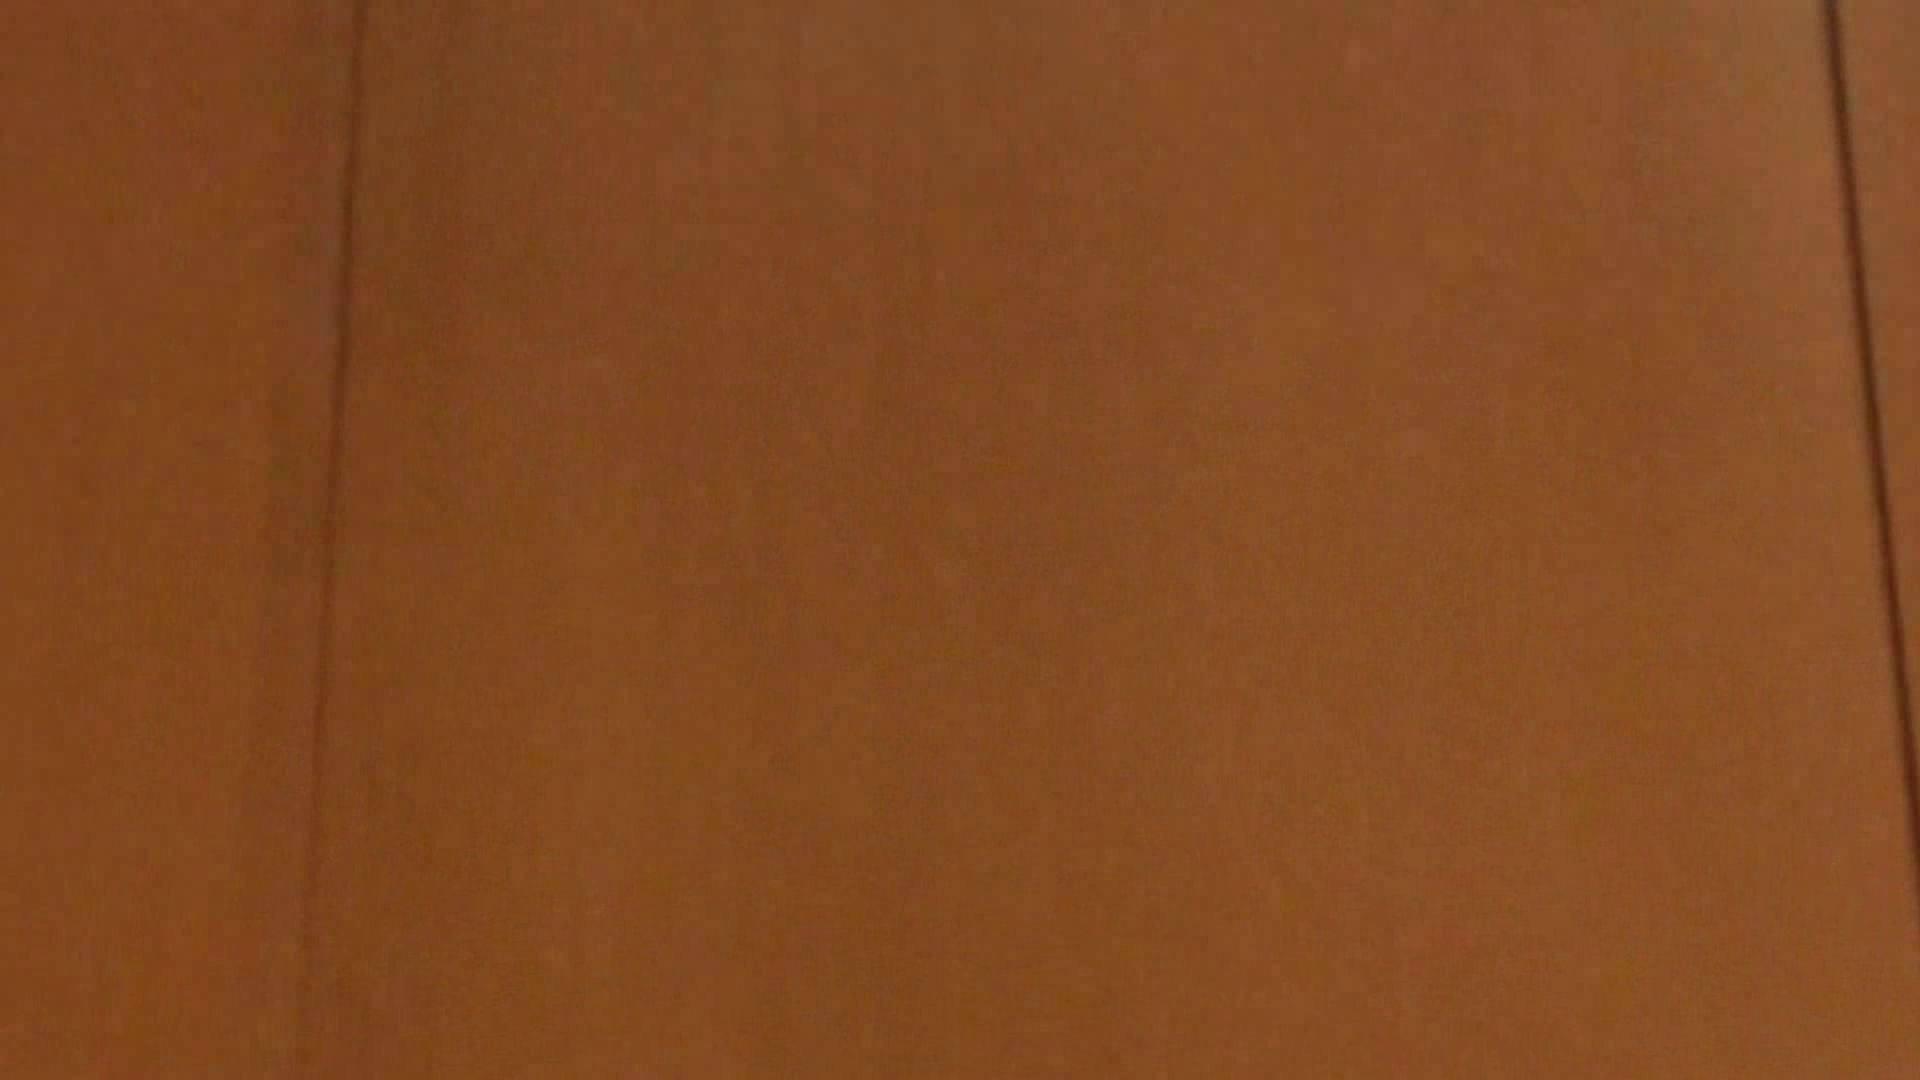 「噂」の国の厠観察日記2 Vol.01 人気シリーズ  109pic 81